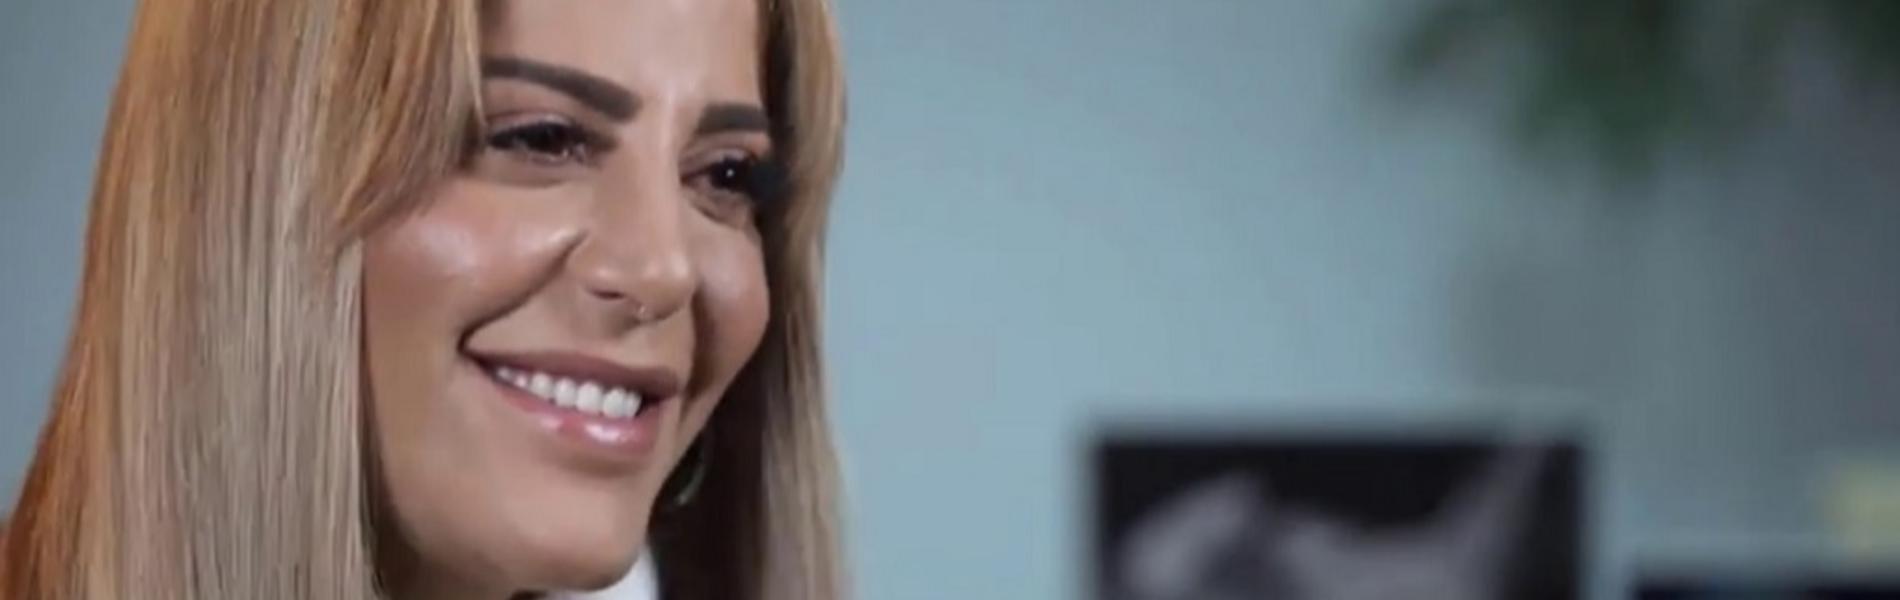 כנגד כל הסיכויים: מה עומד מאחורי ההצלחה המסחררת של נסרין קדרי?